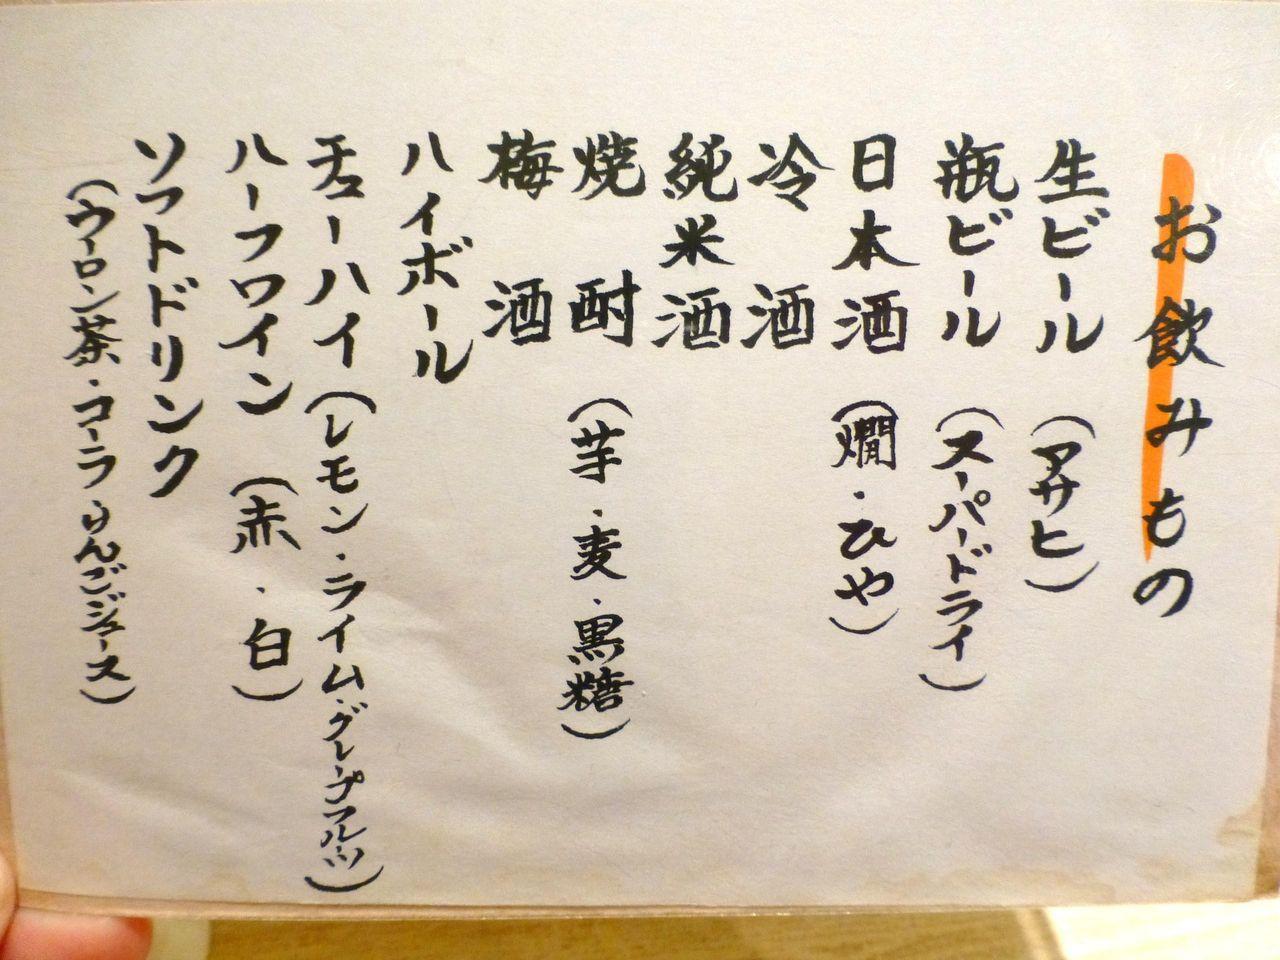 淳ちゃん寿しのメニュー(26年5月現在)